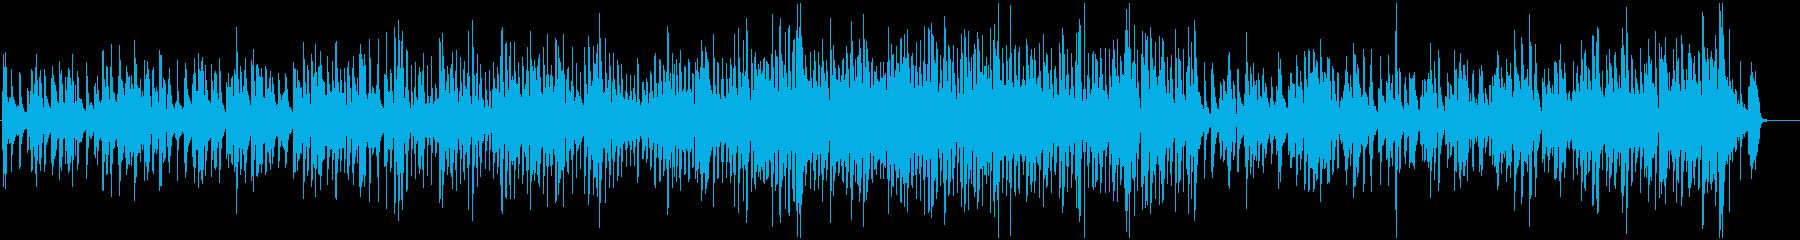 クールでクルージングなジャズトリオの再生済みの波形